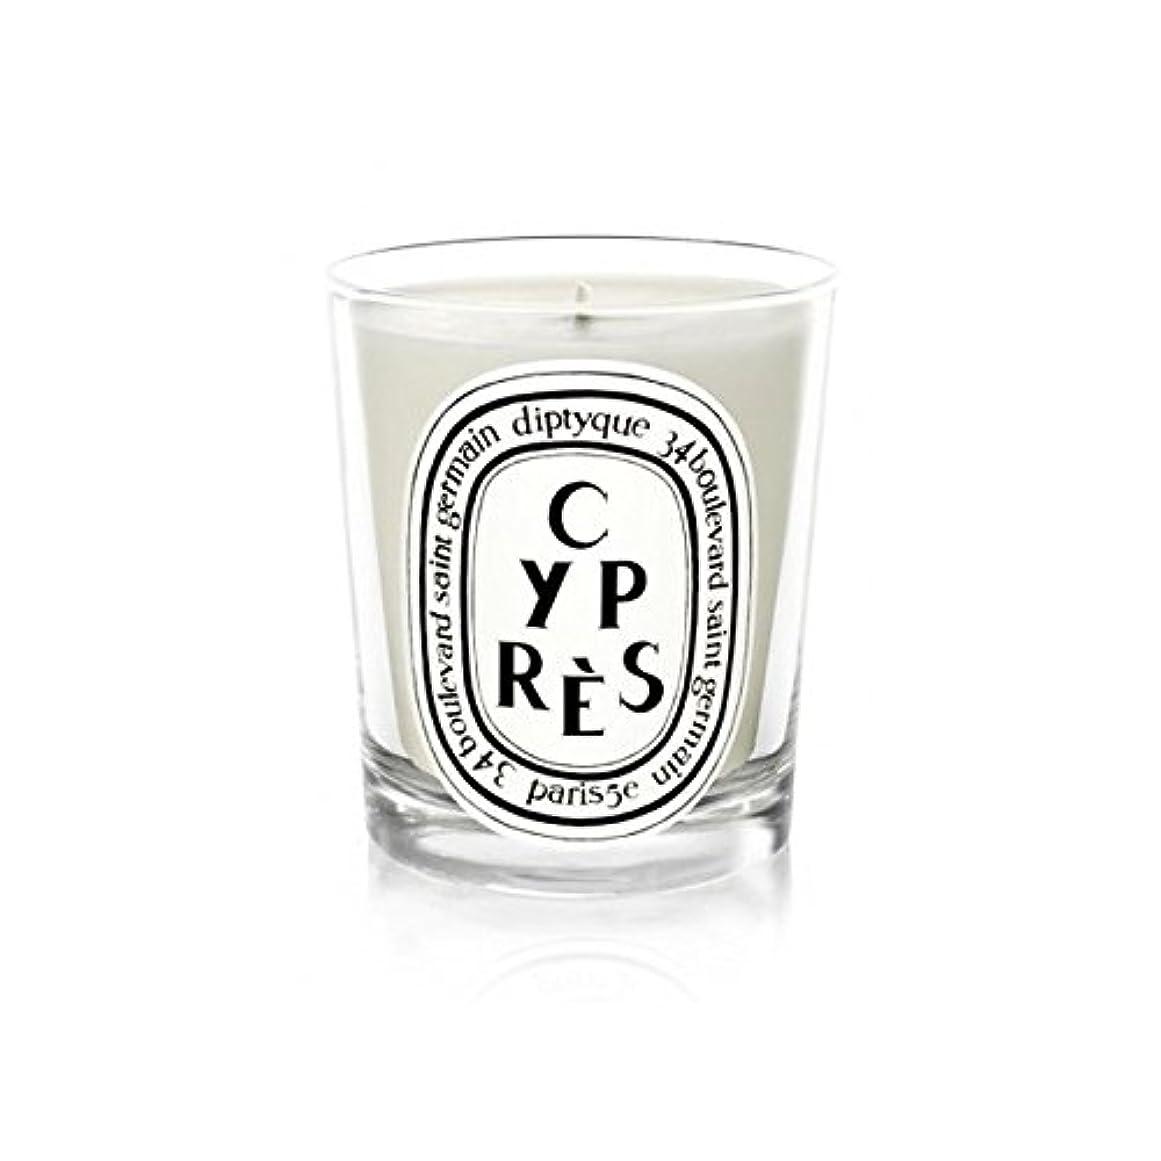 造船まあ害虫DiptyqueキャンドルCypr?s/ヒノキ190グラム - Diptyque Candle Cypr?s / Cypress 190g (Diptyque) [並行輸入品]